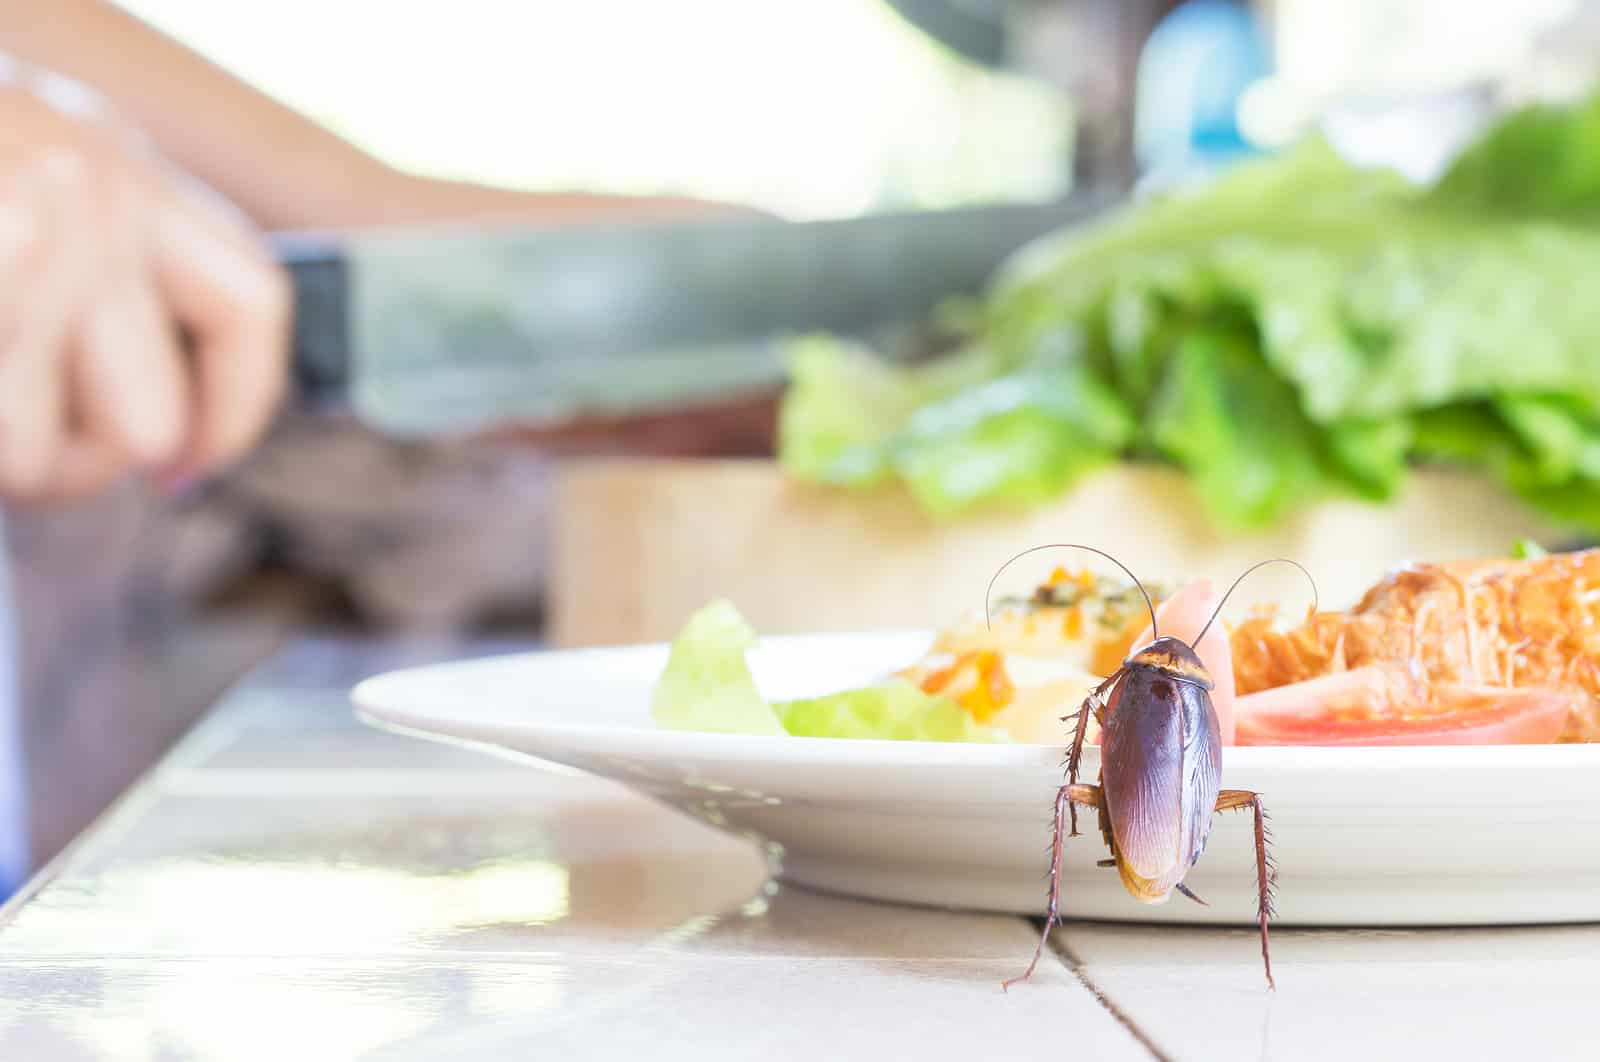 Riddex and Home Pest Control